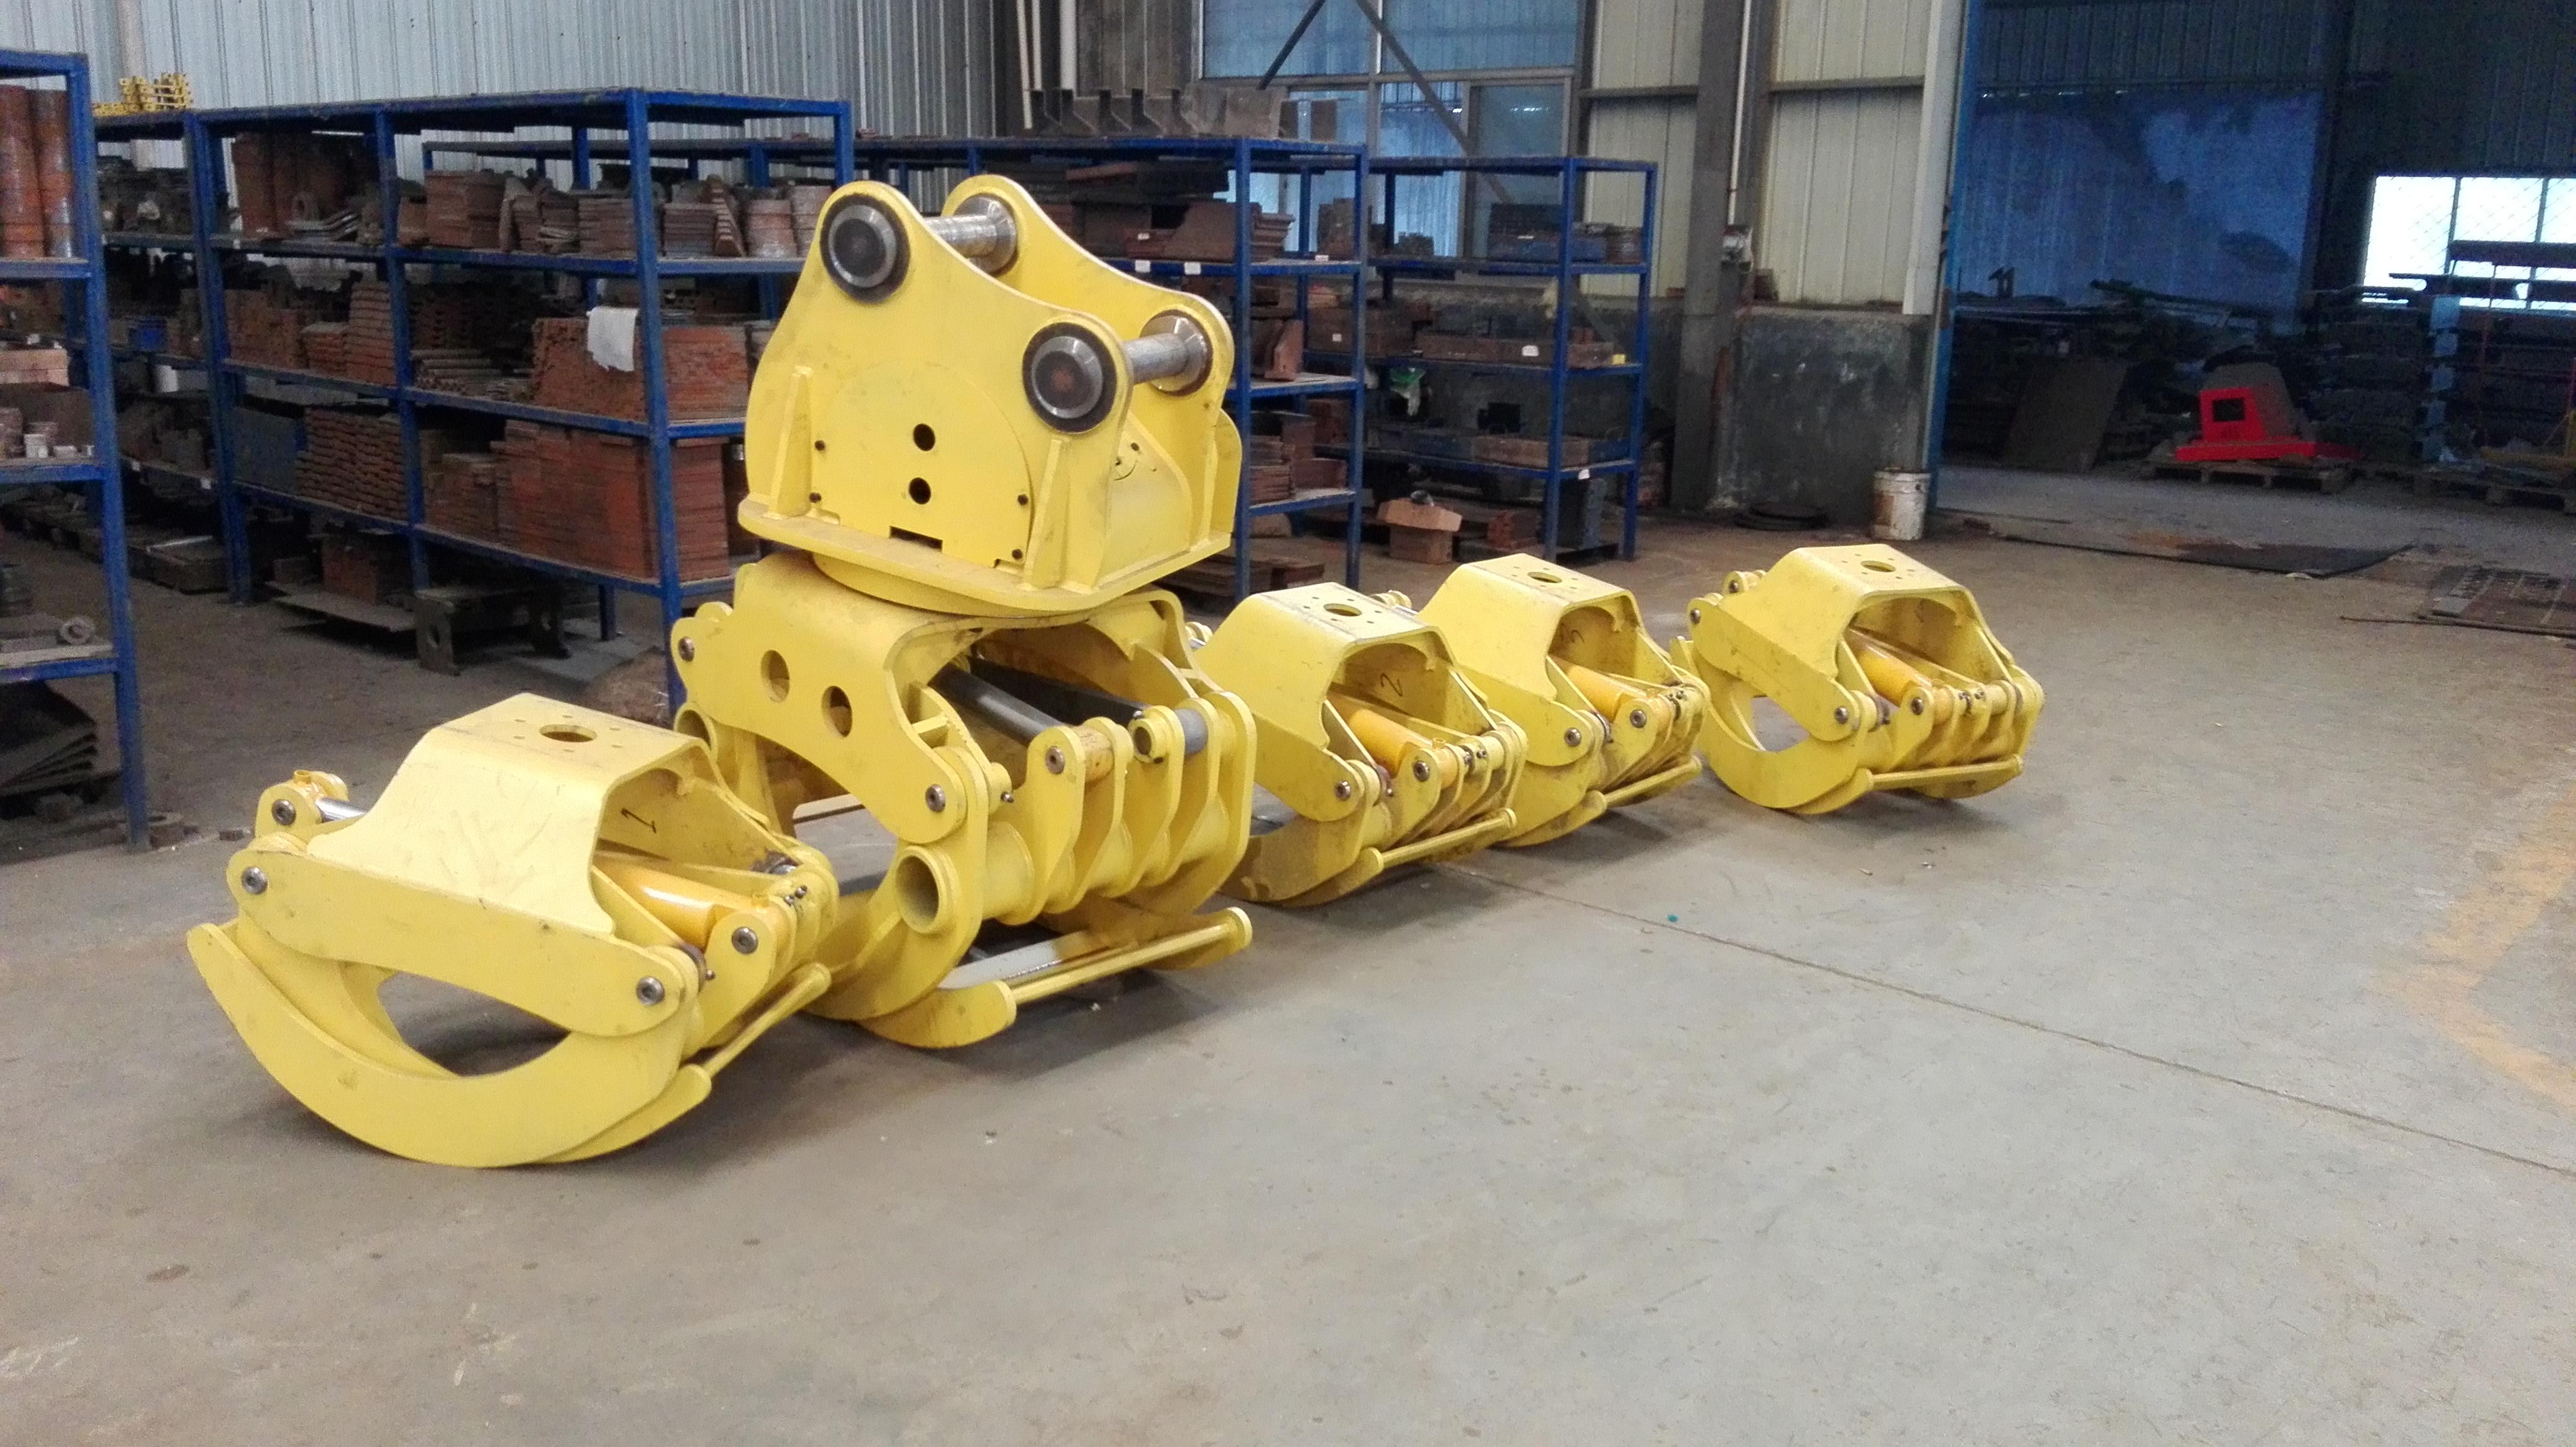 夹木器 抓木器 抱木夹 360度旋转 开口大于2米 抱合面积0.7平方 扭矩大 速度快 北海地区使用一天赚2000